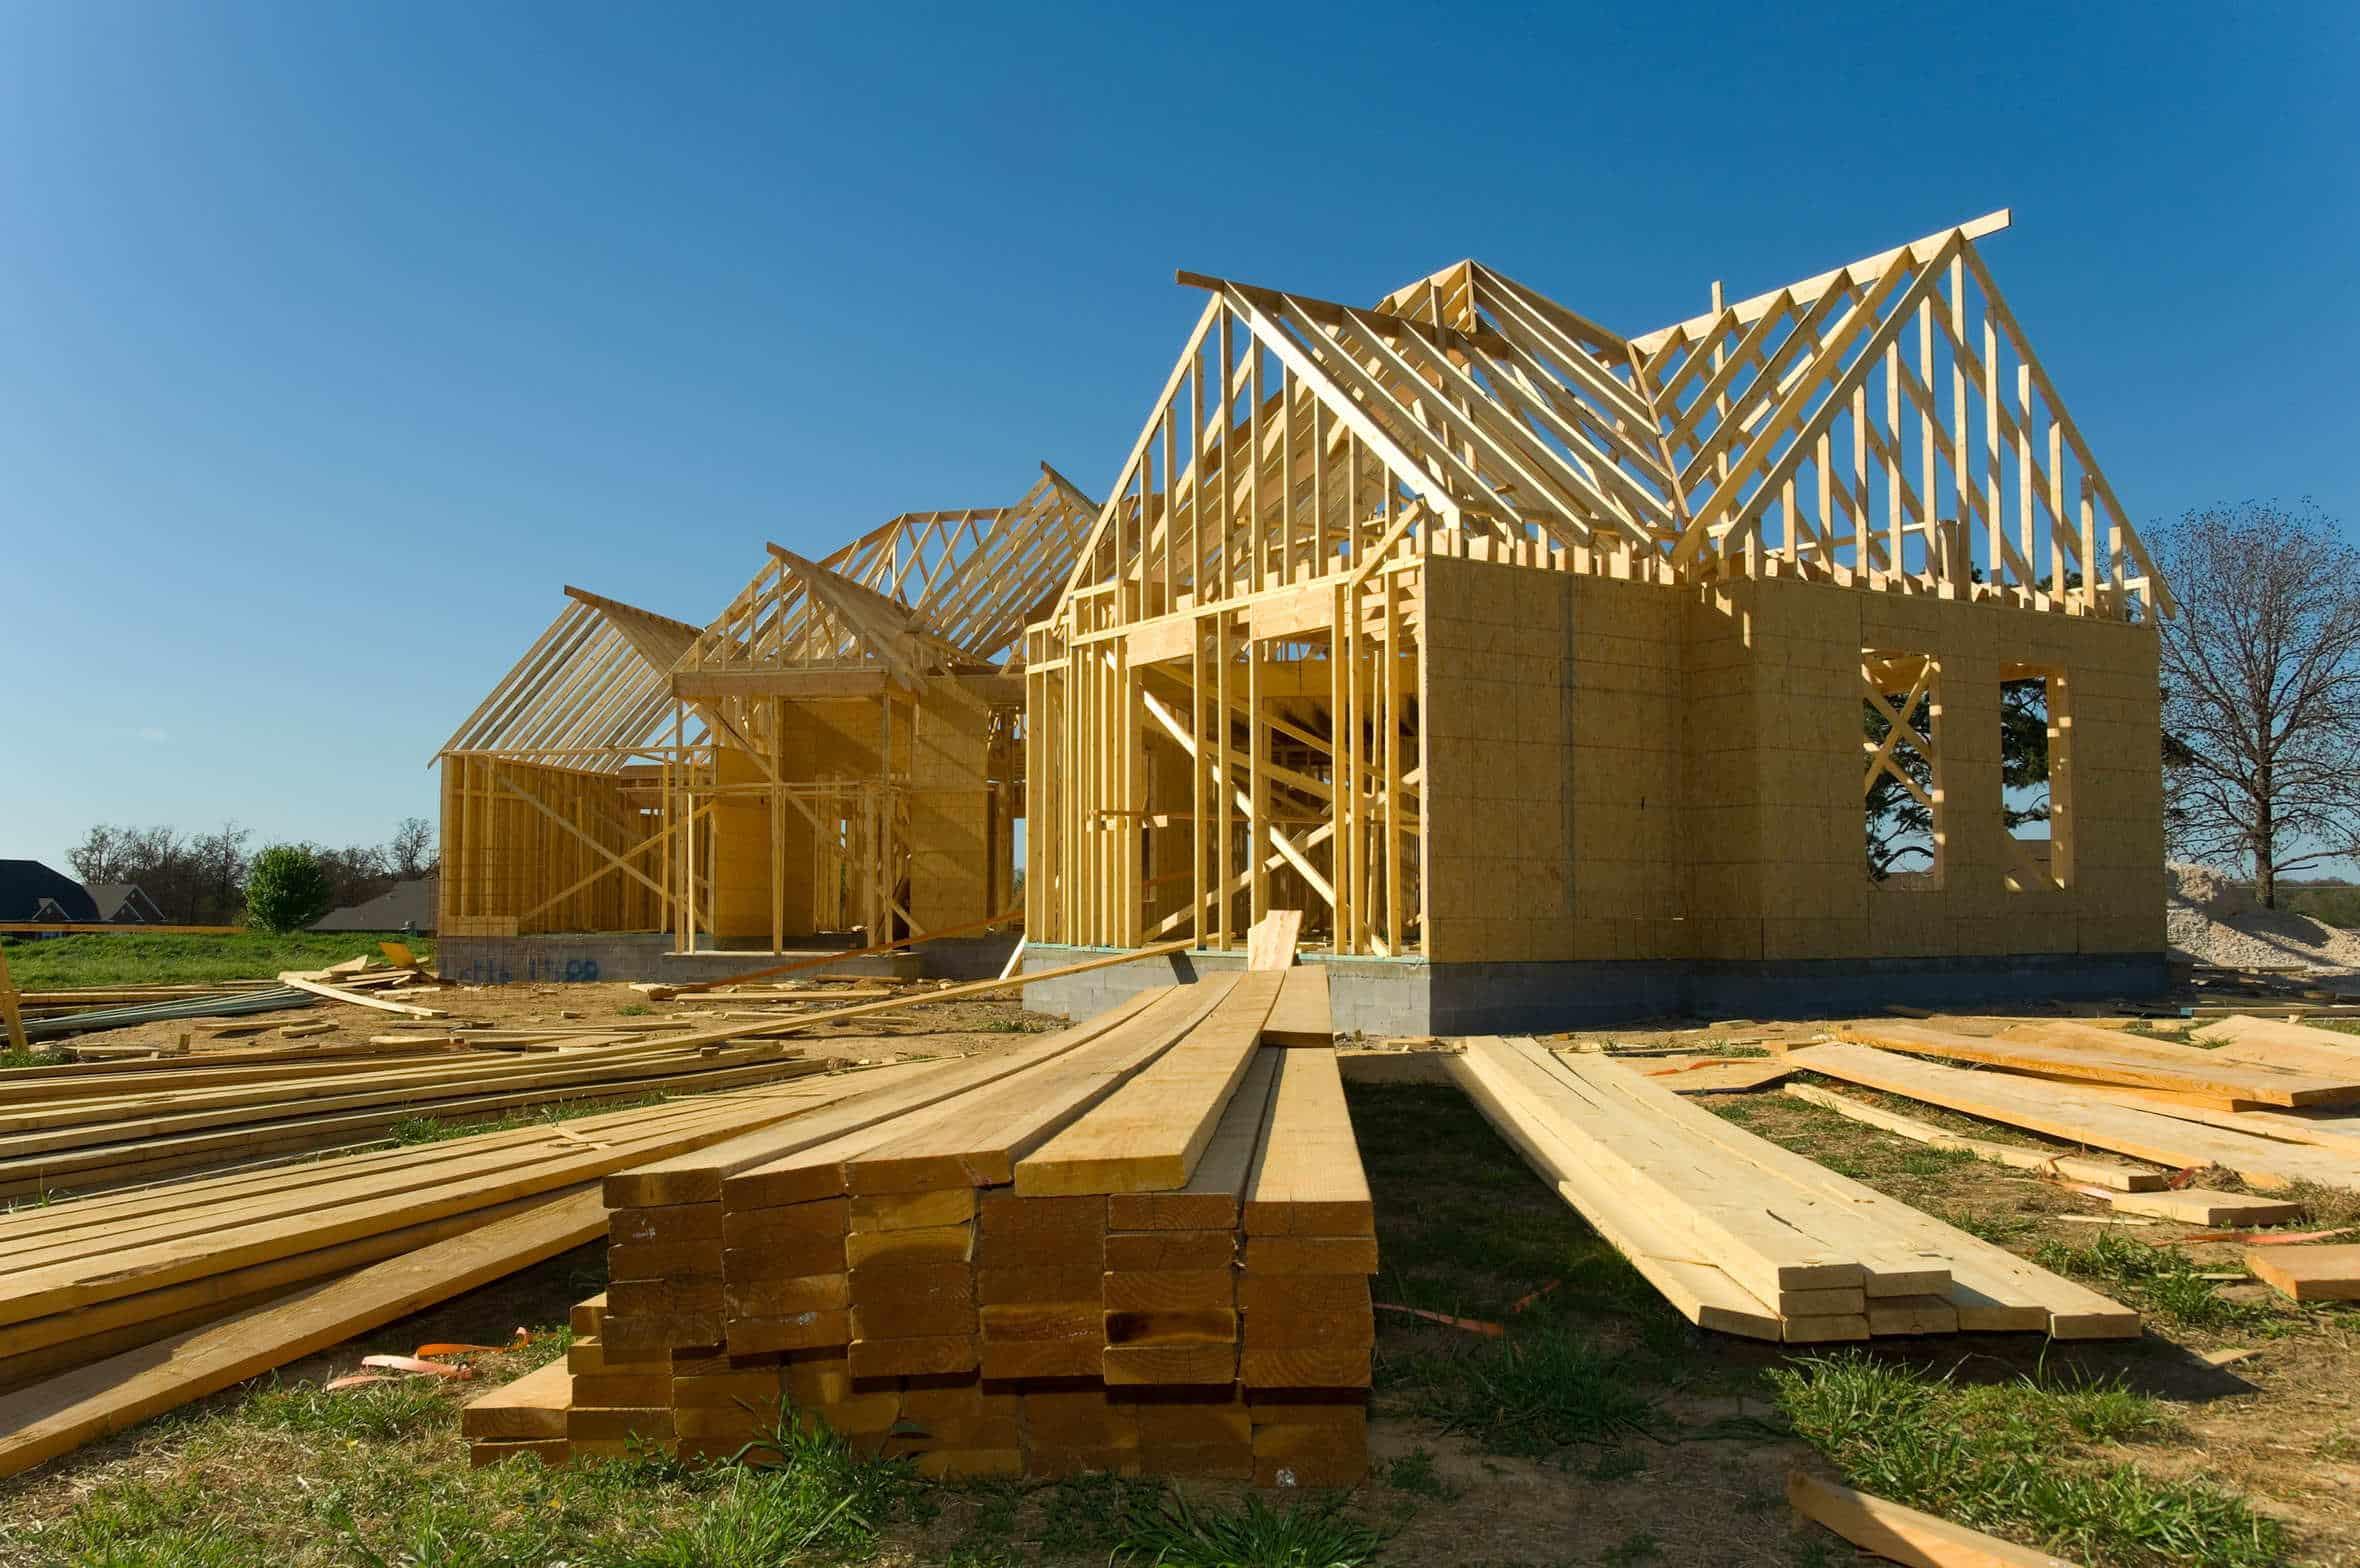 Quels sont les avantages de construire une maison en bois?